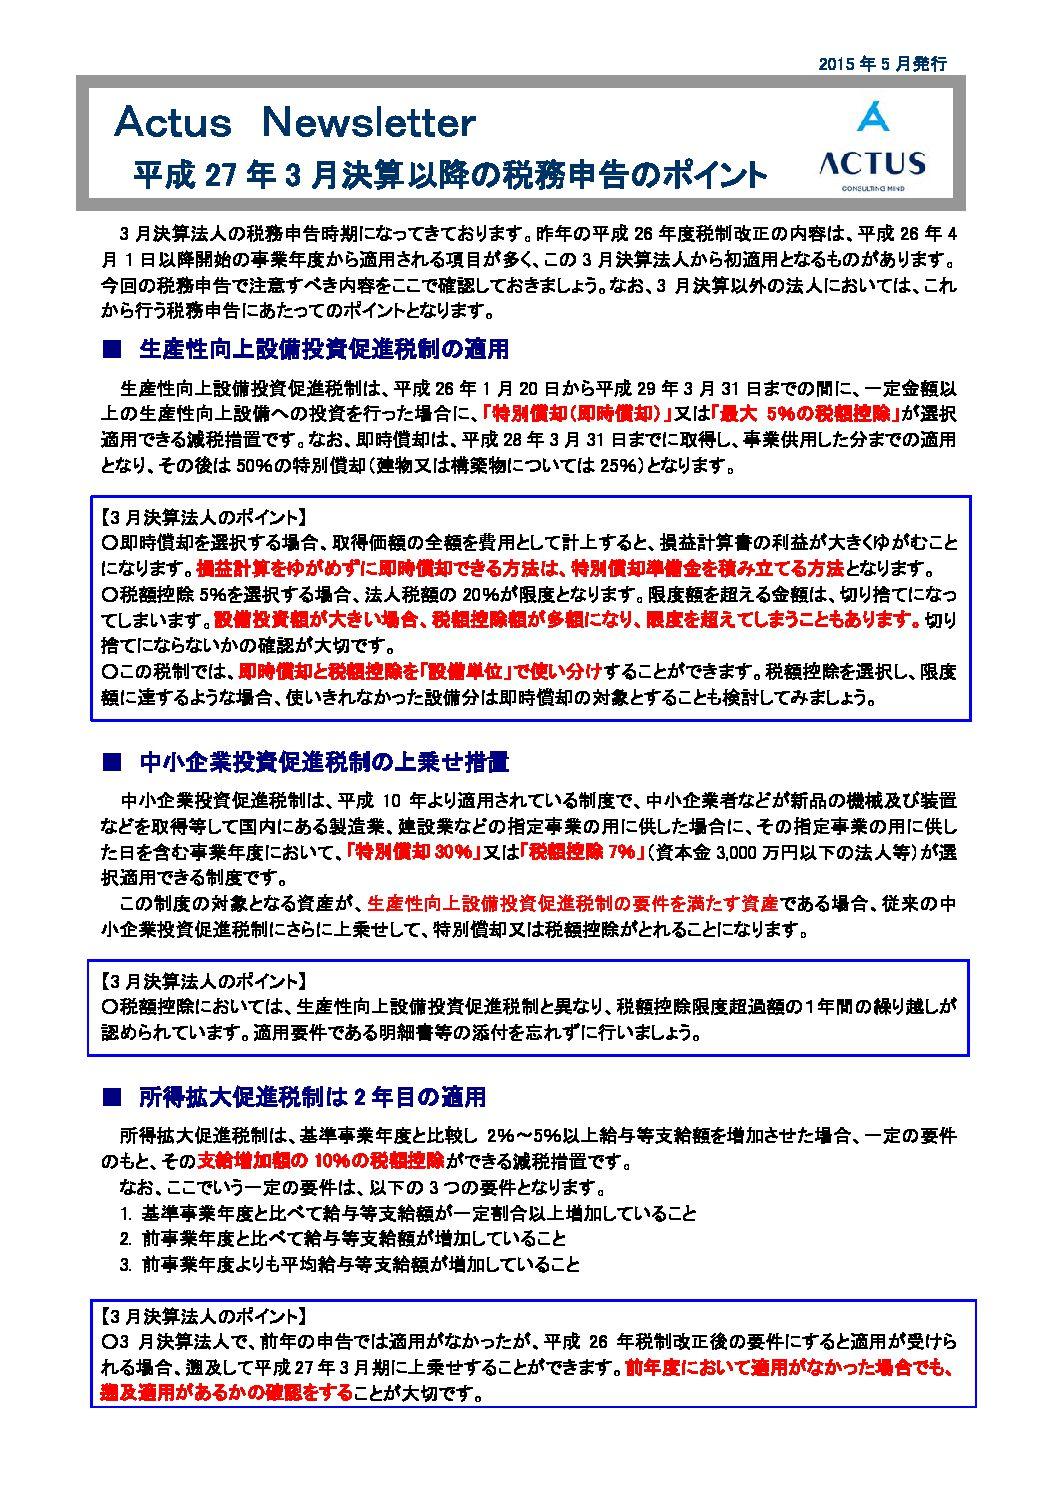 平成27年3月期の税務申告のポイント